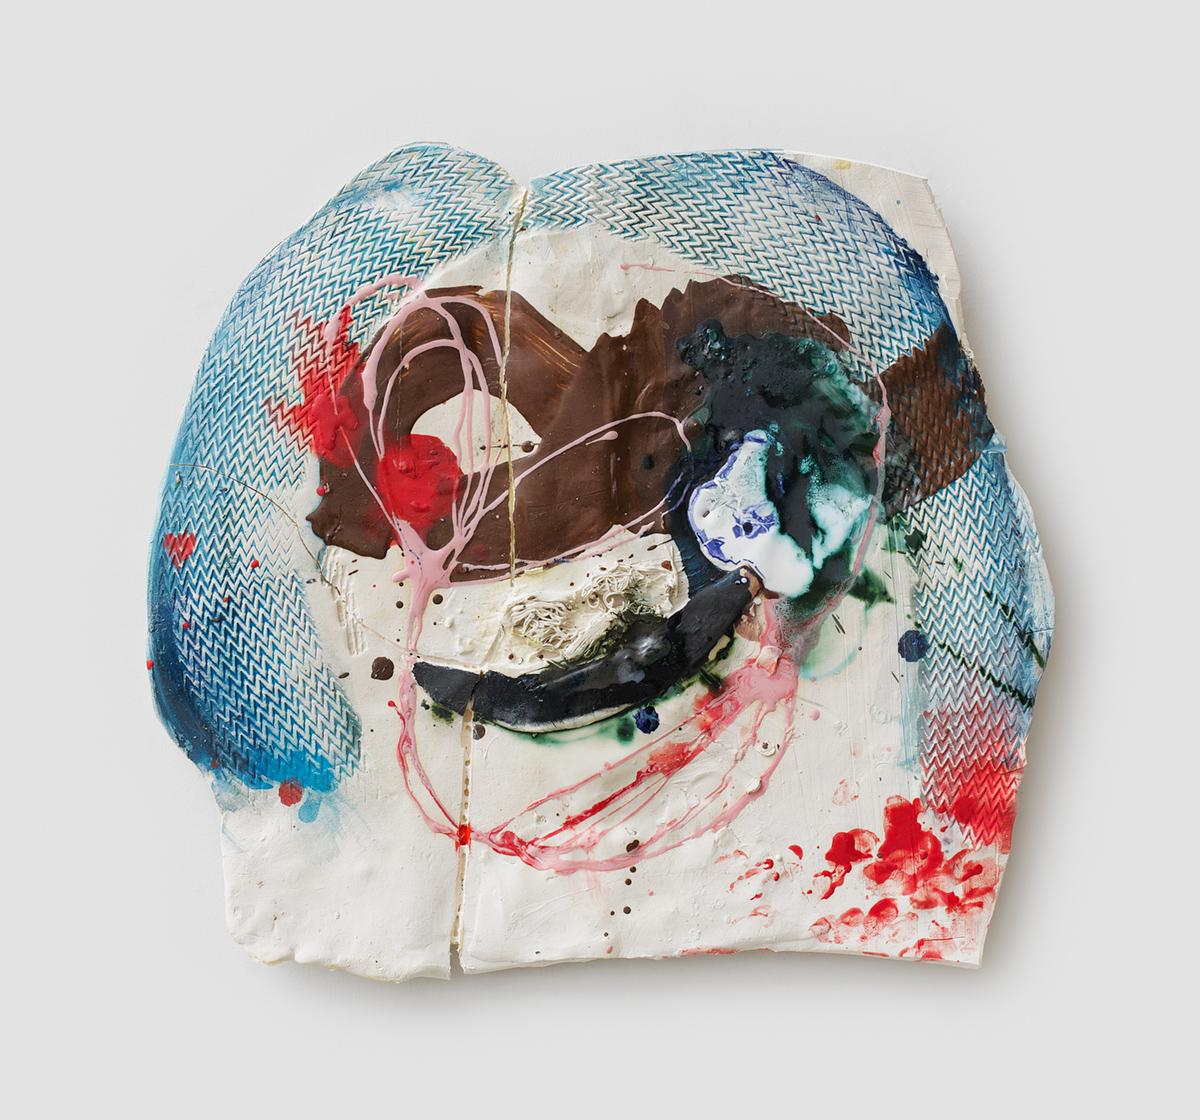 Jennie Jieun Lee, Coda Code Red, glazed stoneware, 2014, 24 x 22 x 3 inches